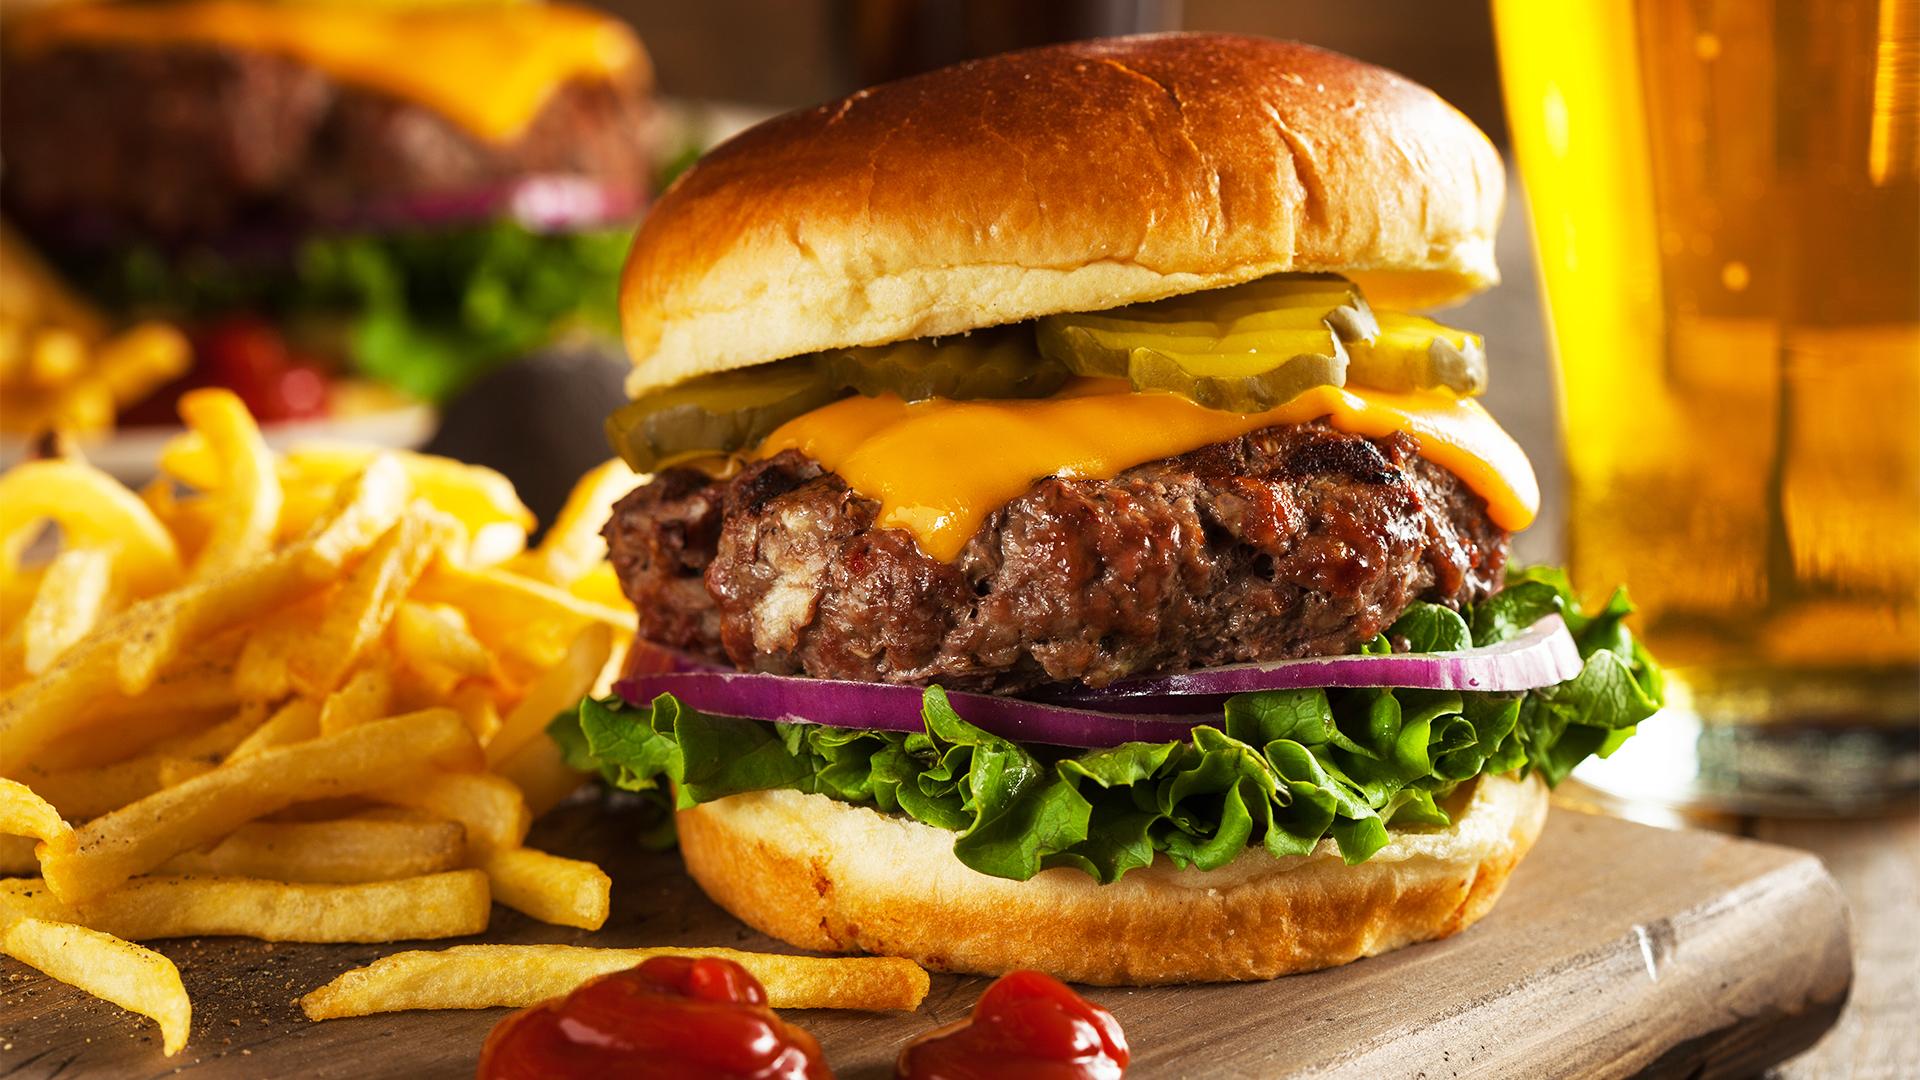 【過食の原因は心かも】なぜ食べ過ぎるのか~心を満たすと痩せられます~